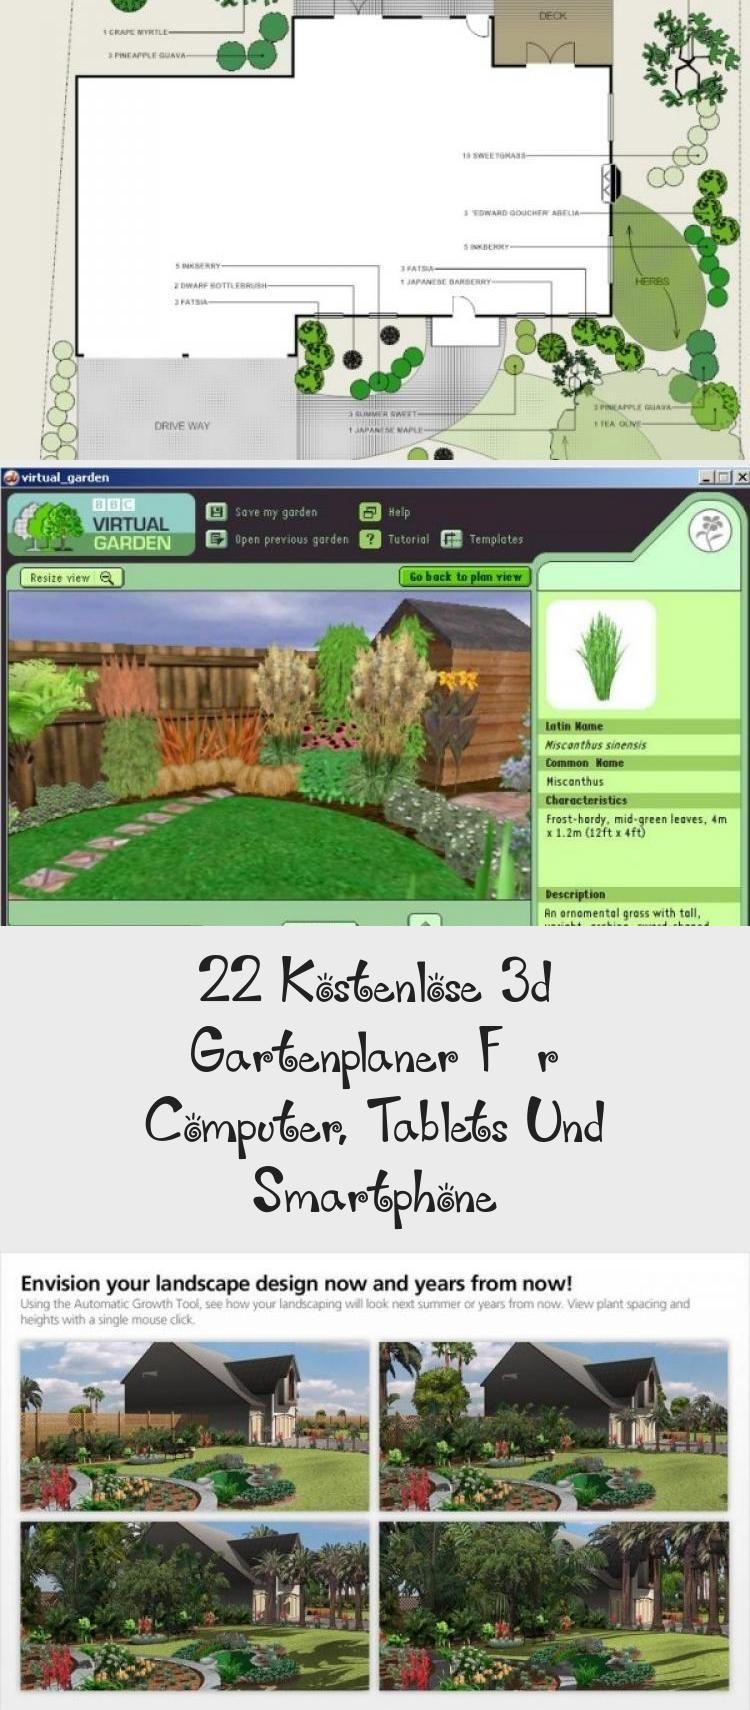 22 Kostenlose 3d Gartenplaner Fur Computer Tablets Und Smartphone In 2020 Landscape Landscape Design Garden Help